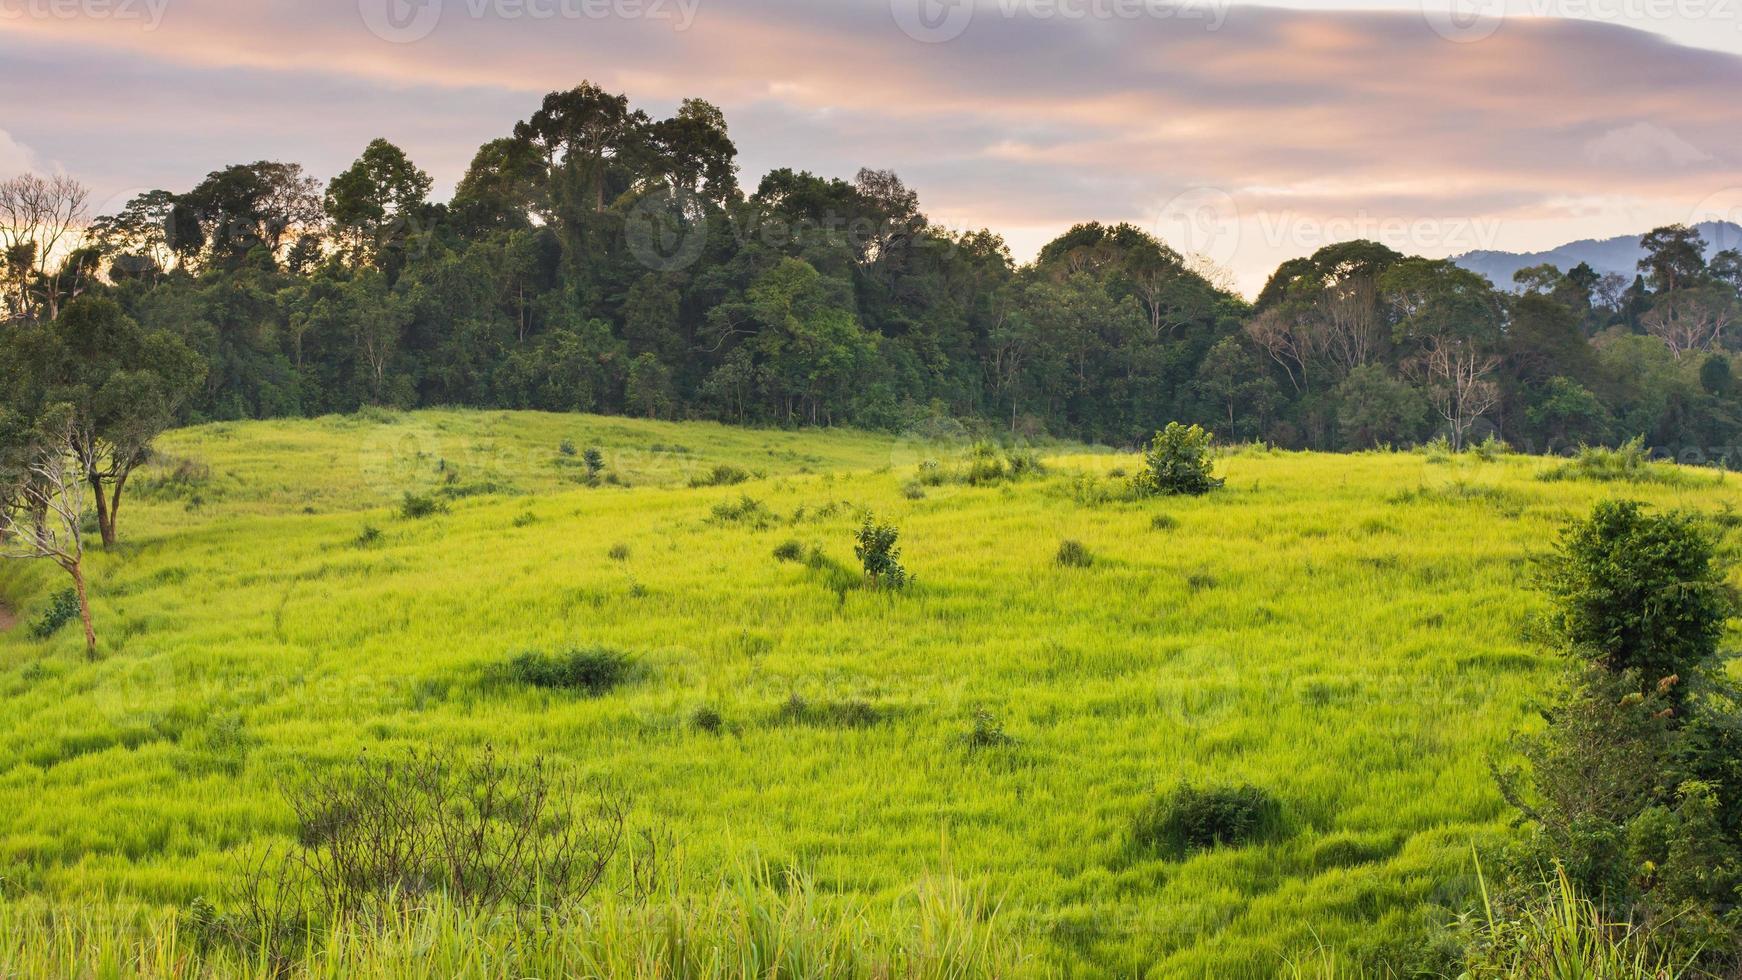 prado verde, parque nacional khao yai tailandia foto